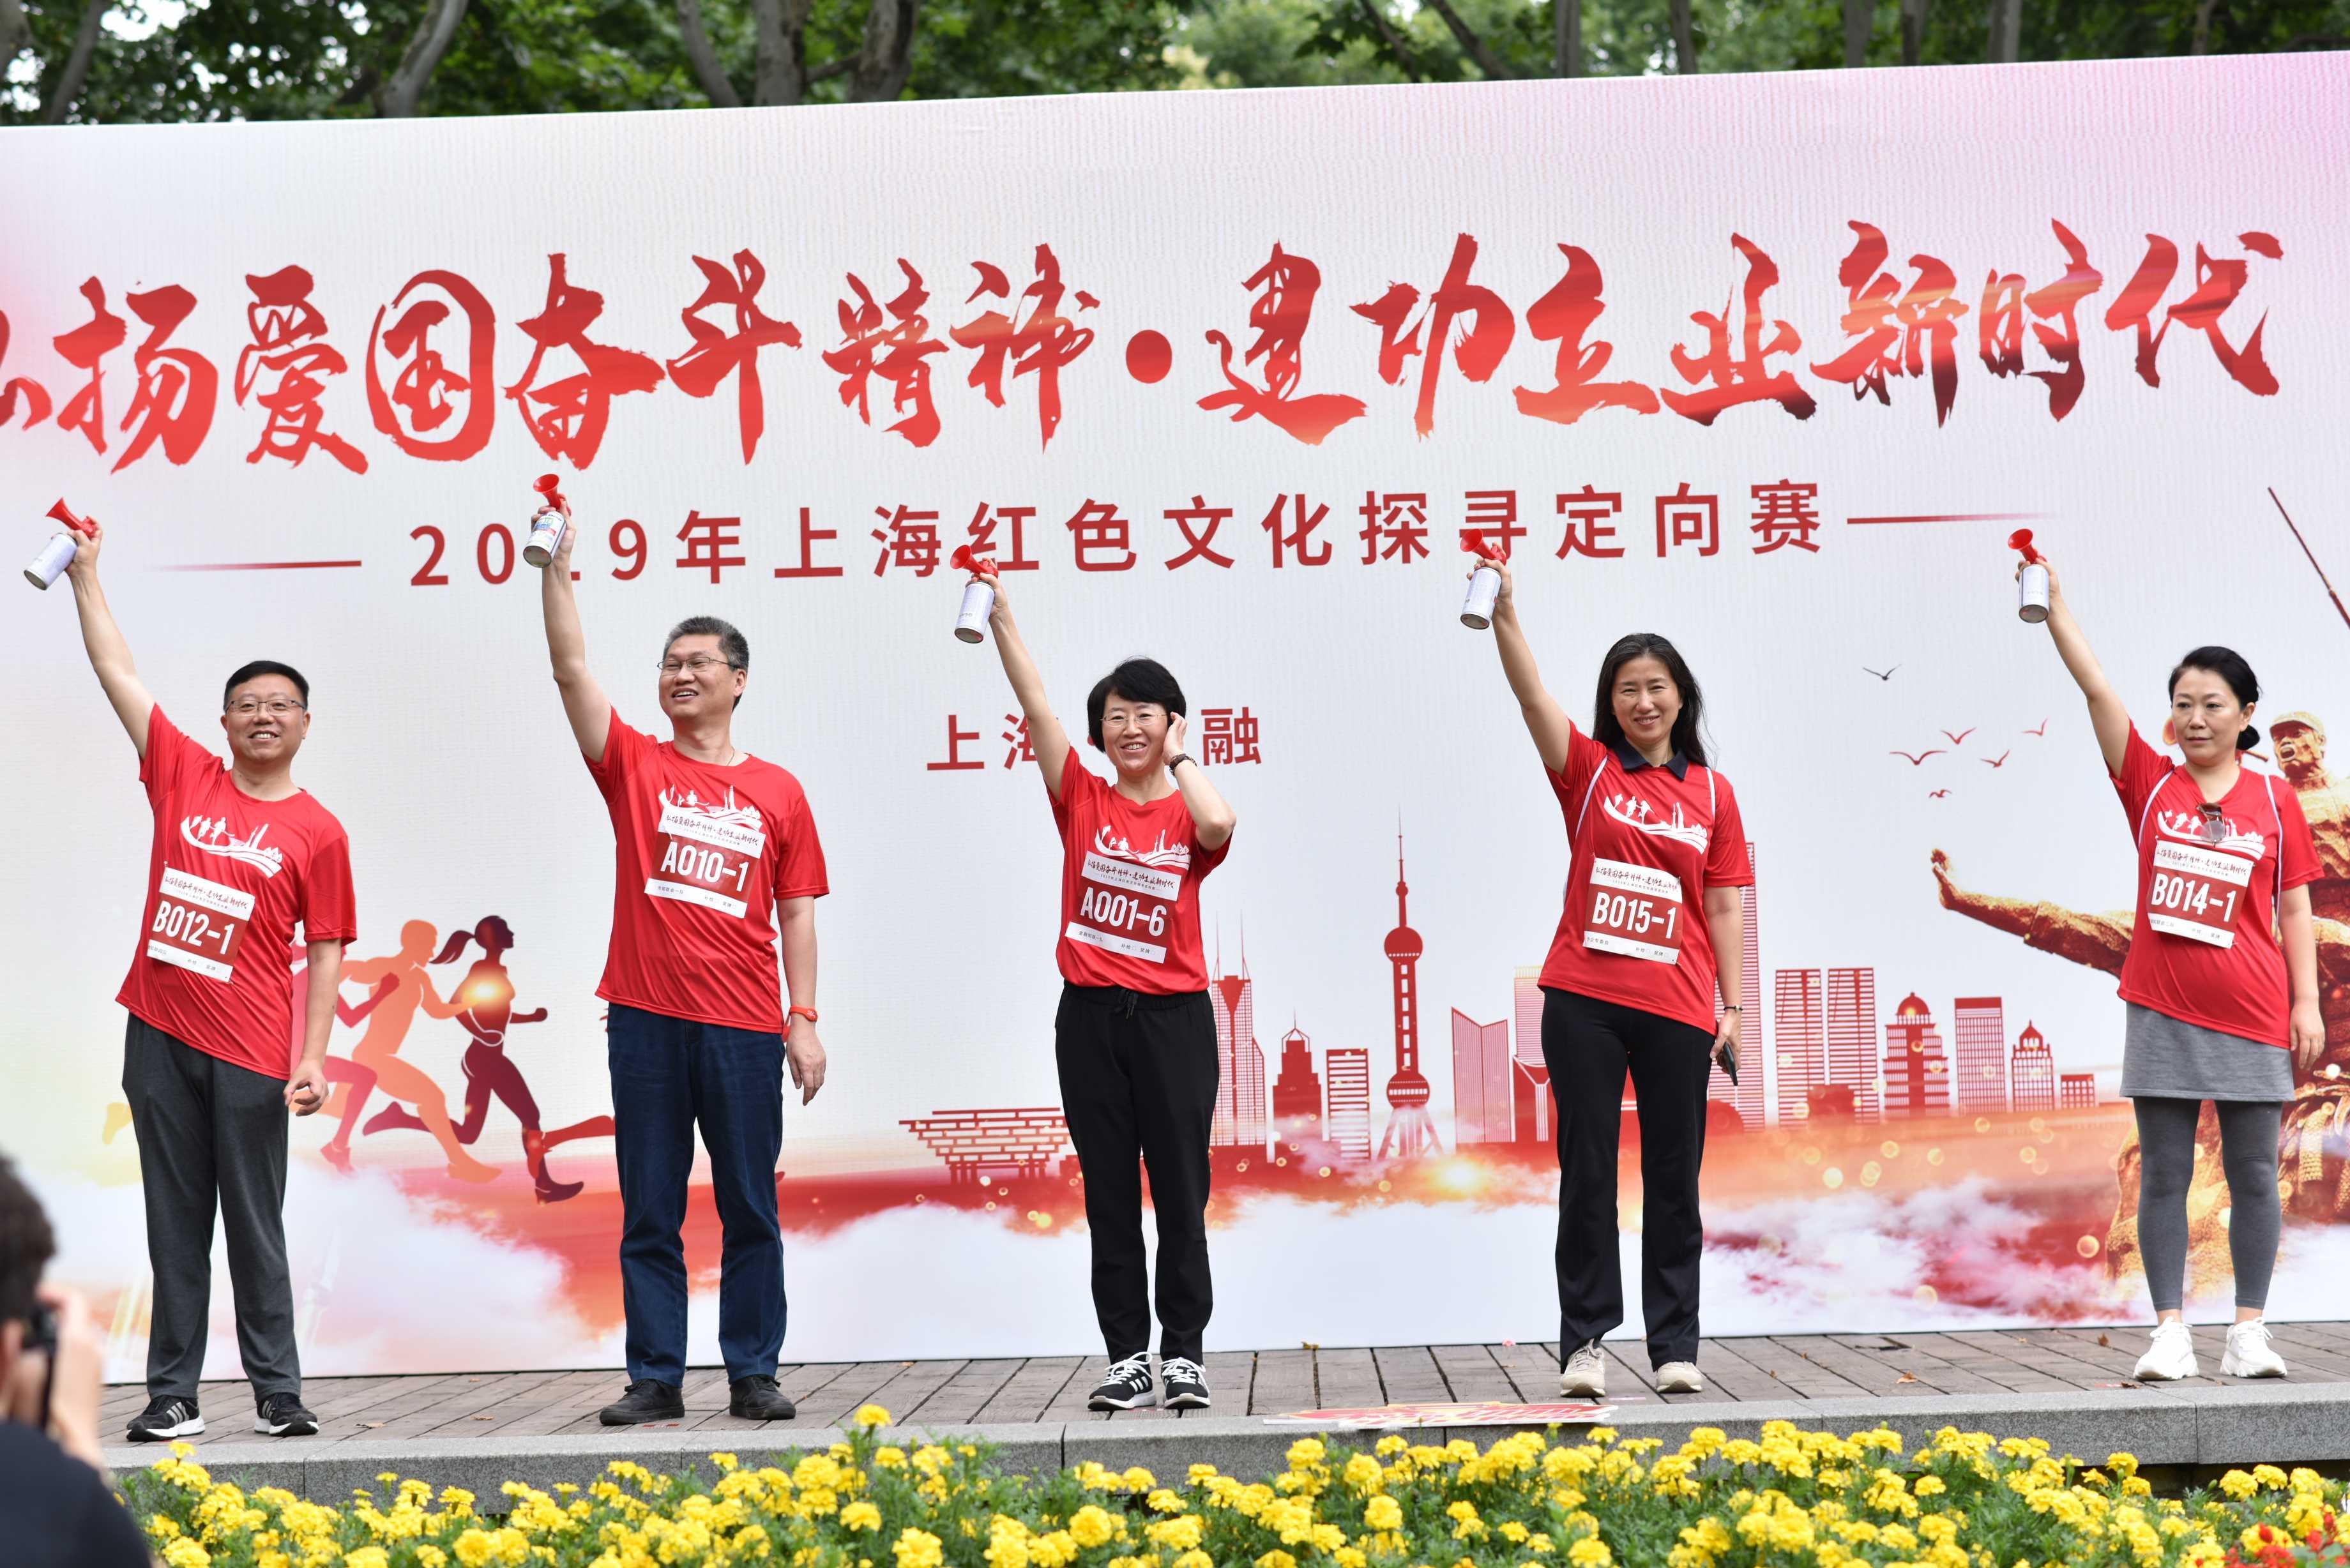 上海金融党委定向赛-DSC_0666